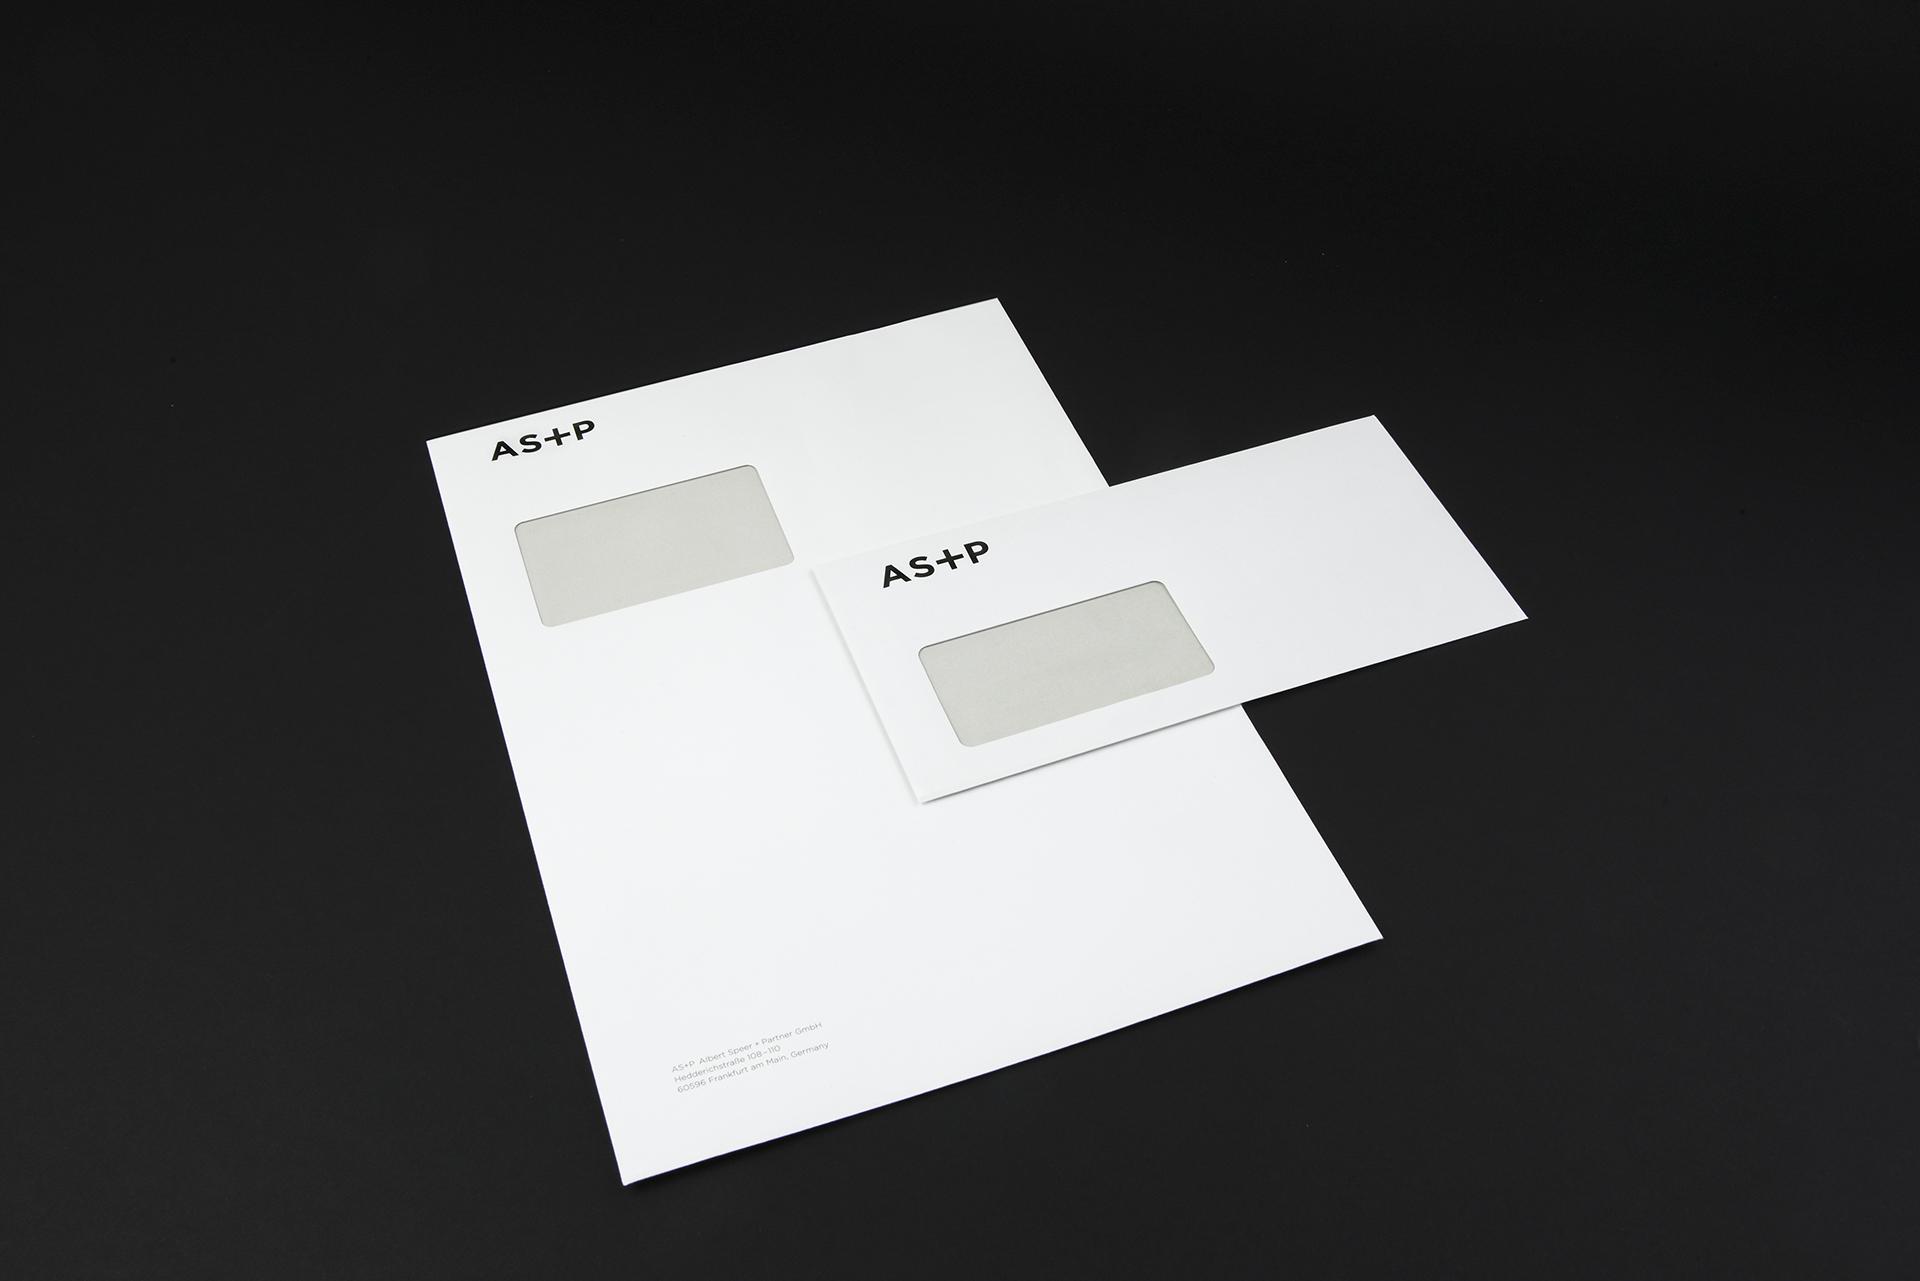 quandel-staudt-design-asp_geschaeftsausstattung_14